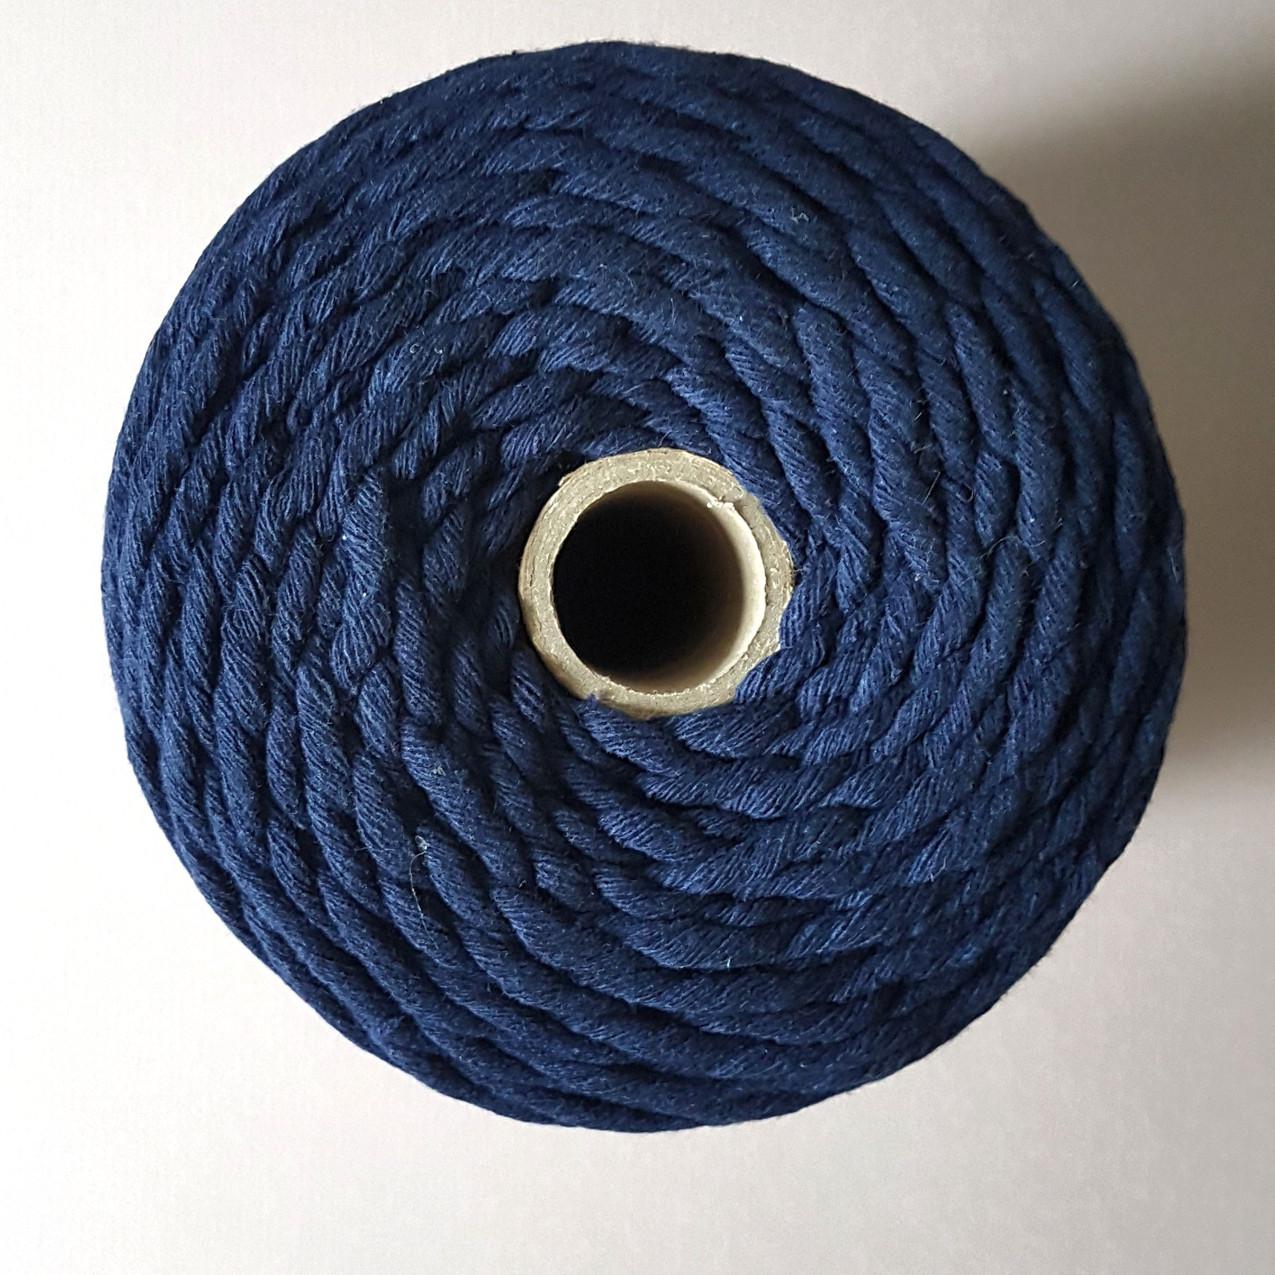 Blue Macrame cord